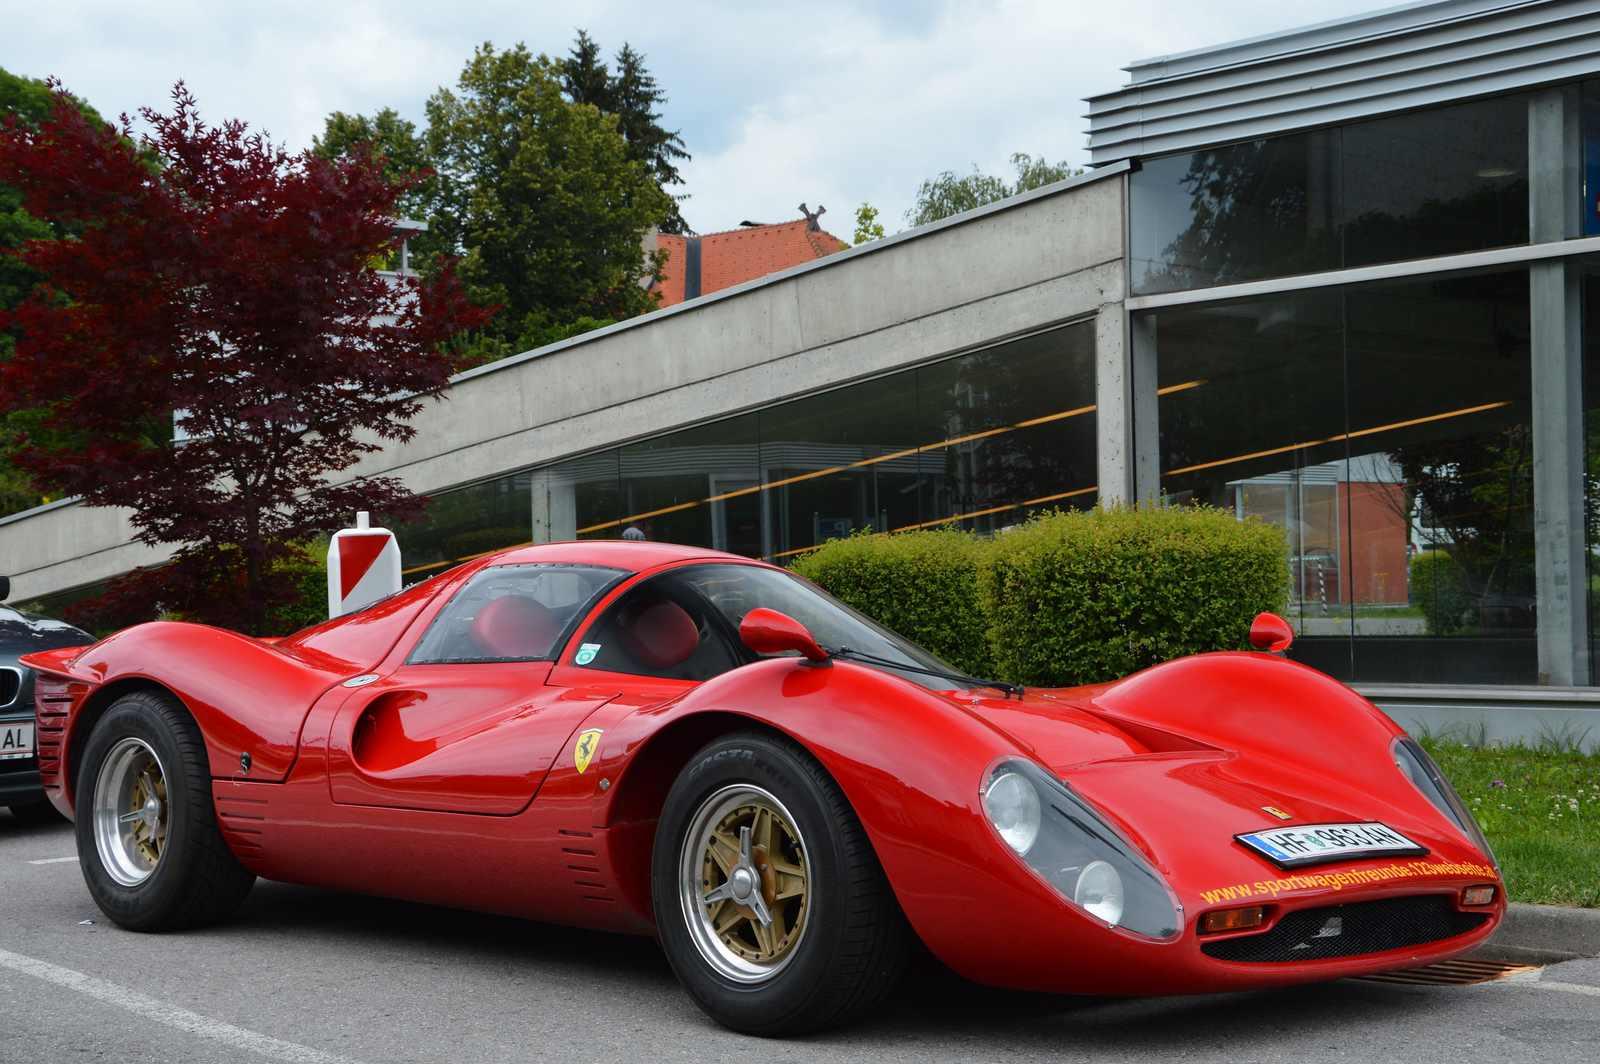 2010 (не точно). РЕПЛИКАР Ferrari P330. Австрия. Штирия, округ Хартберг-Фюрстенфельд